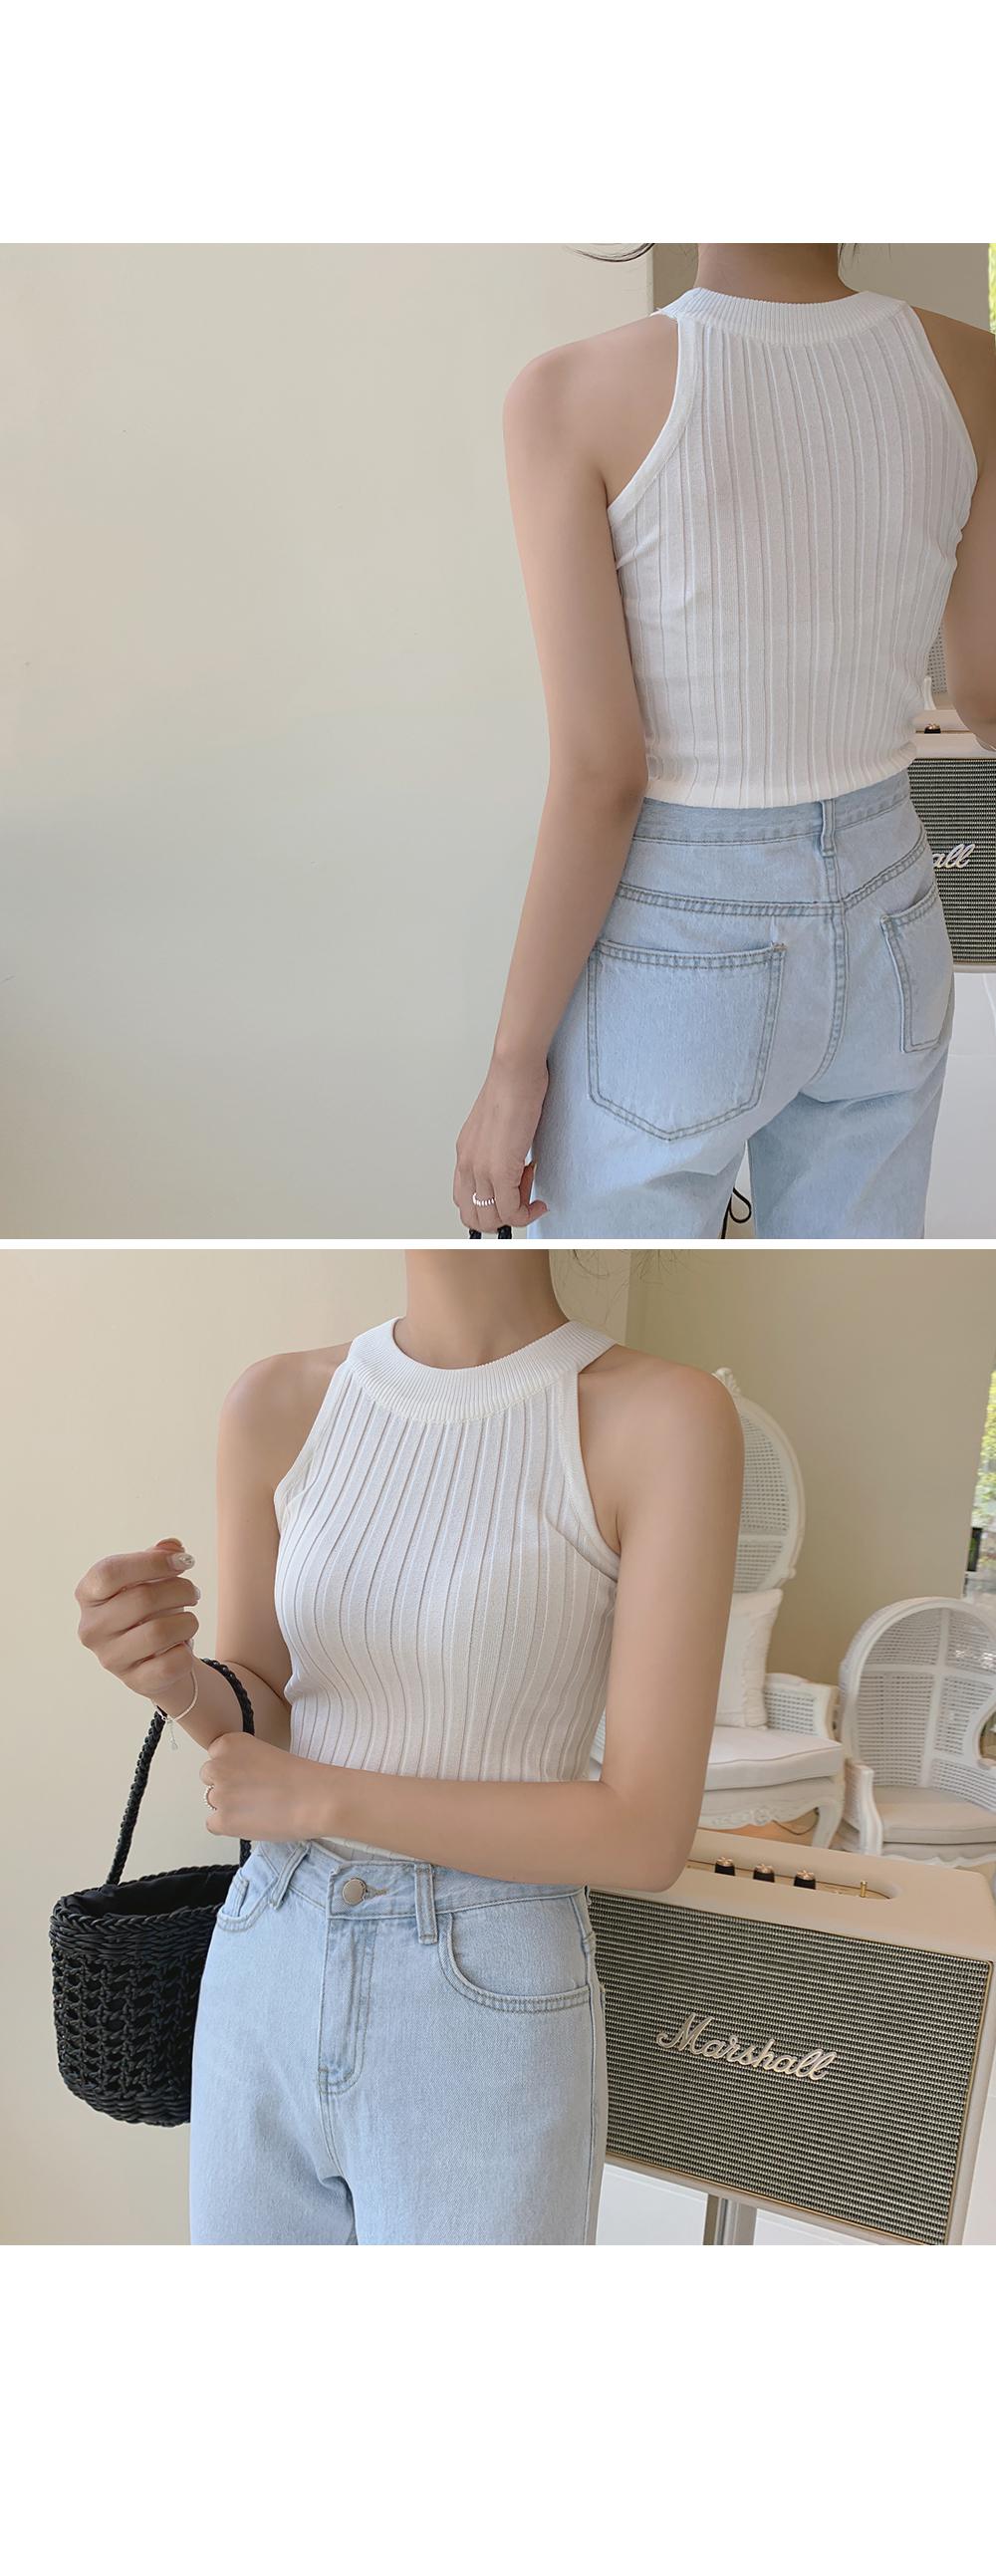 Summer Halter Neck Knit Top  -holiholic.com